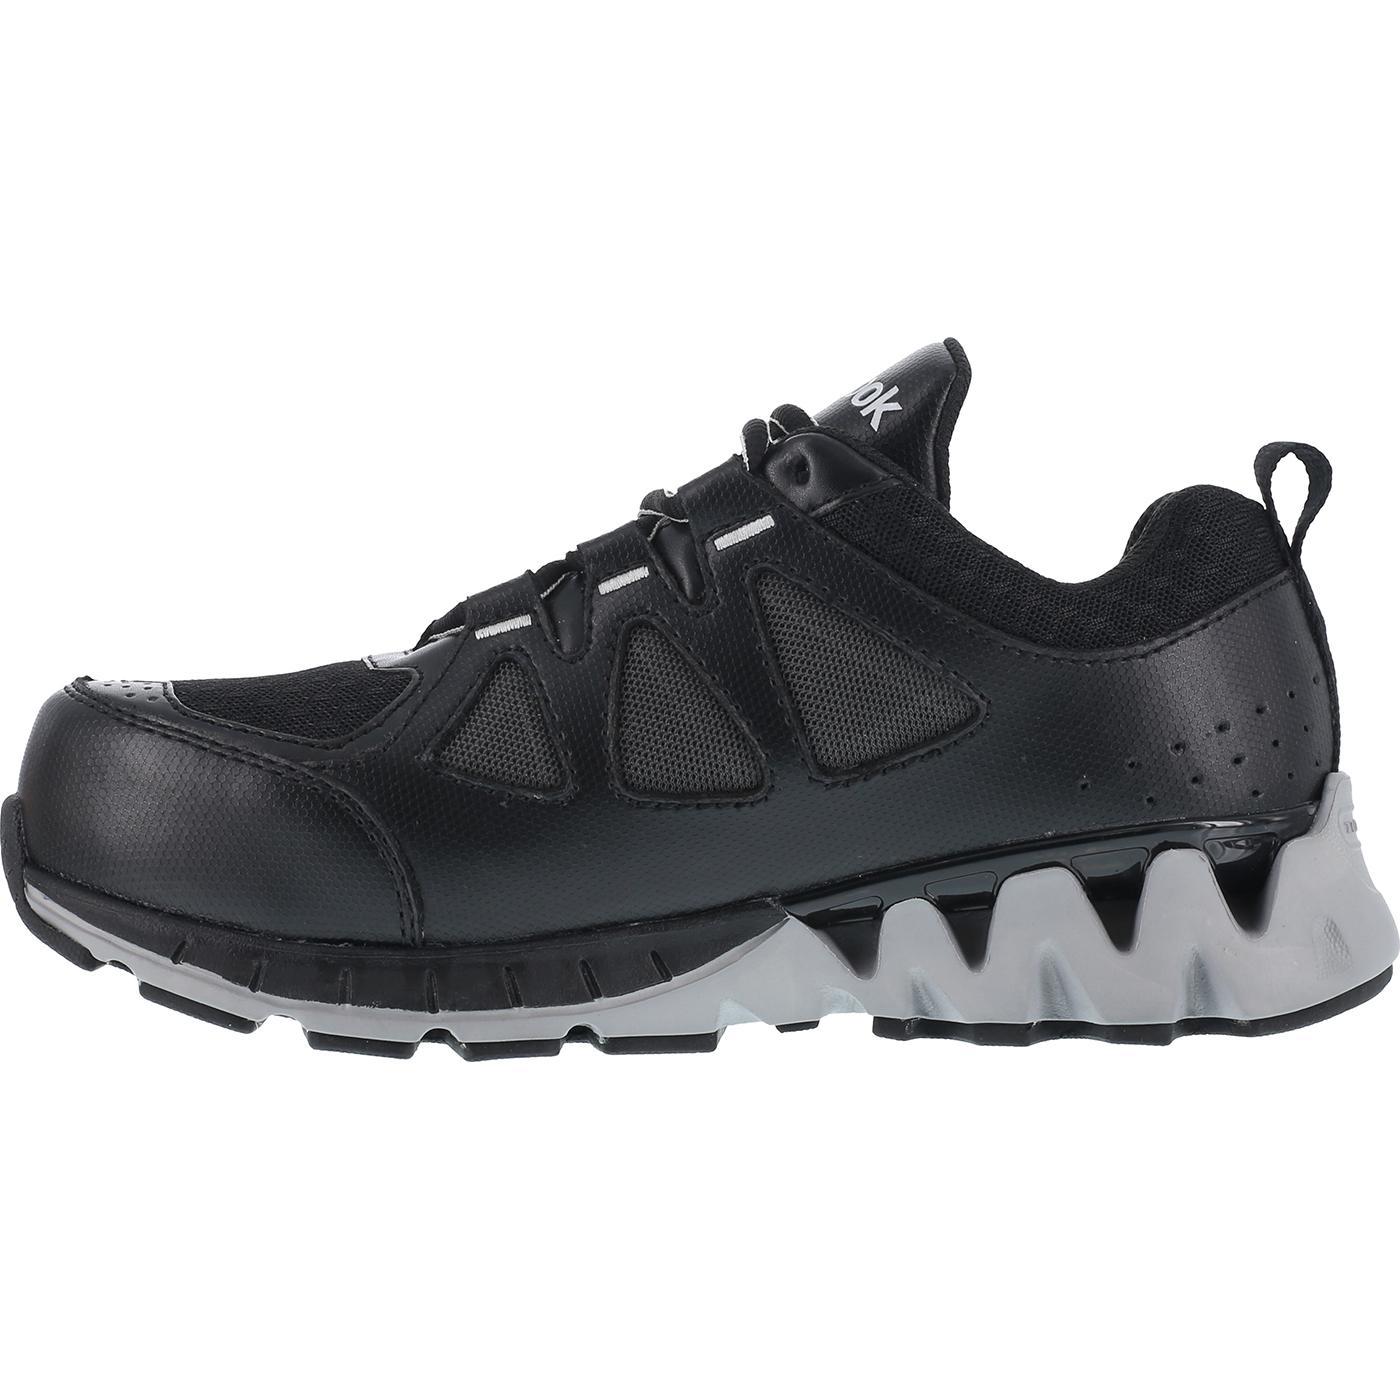 Reebok Zigkick Work Women s Composite Toe Black Gray Sneaker 9086a383b